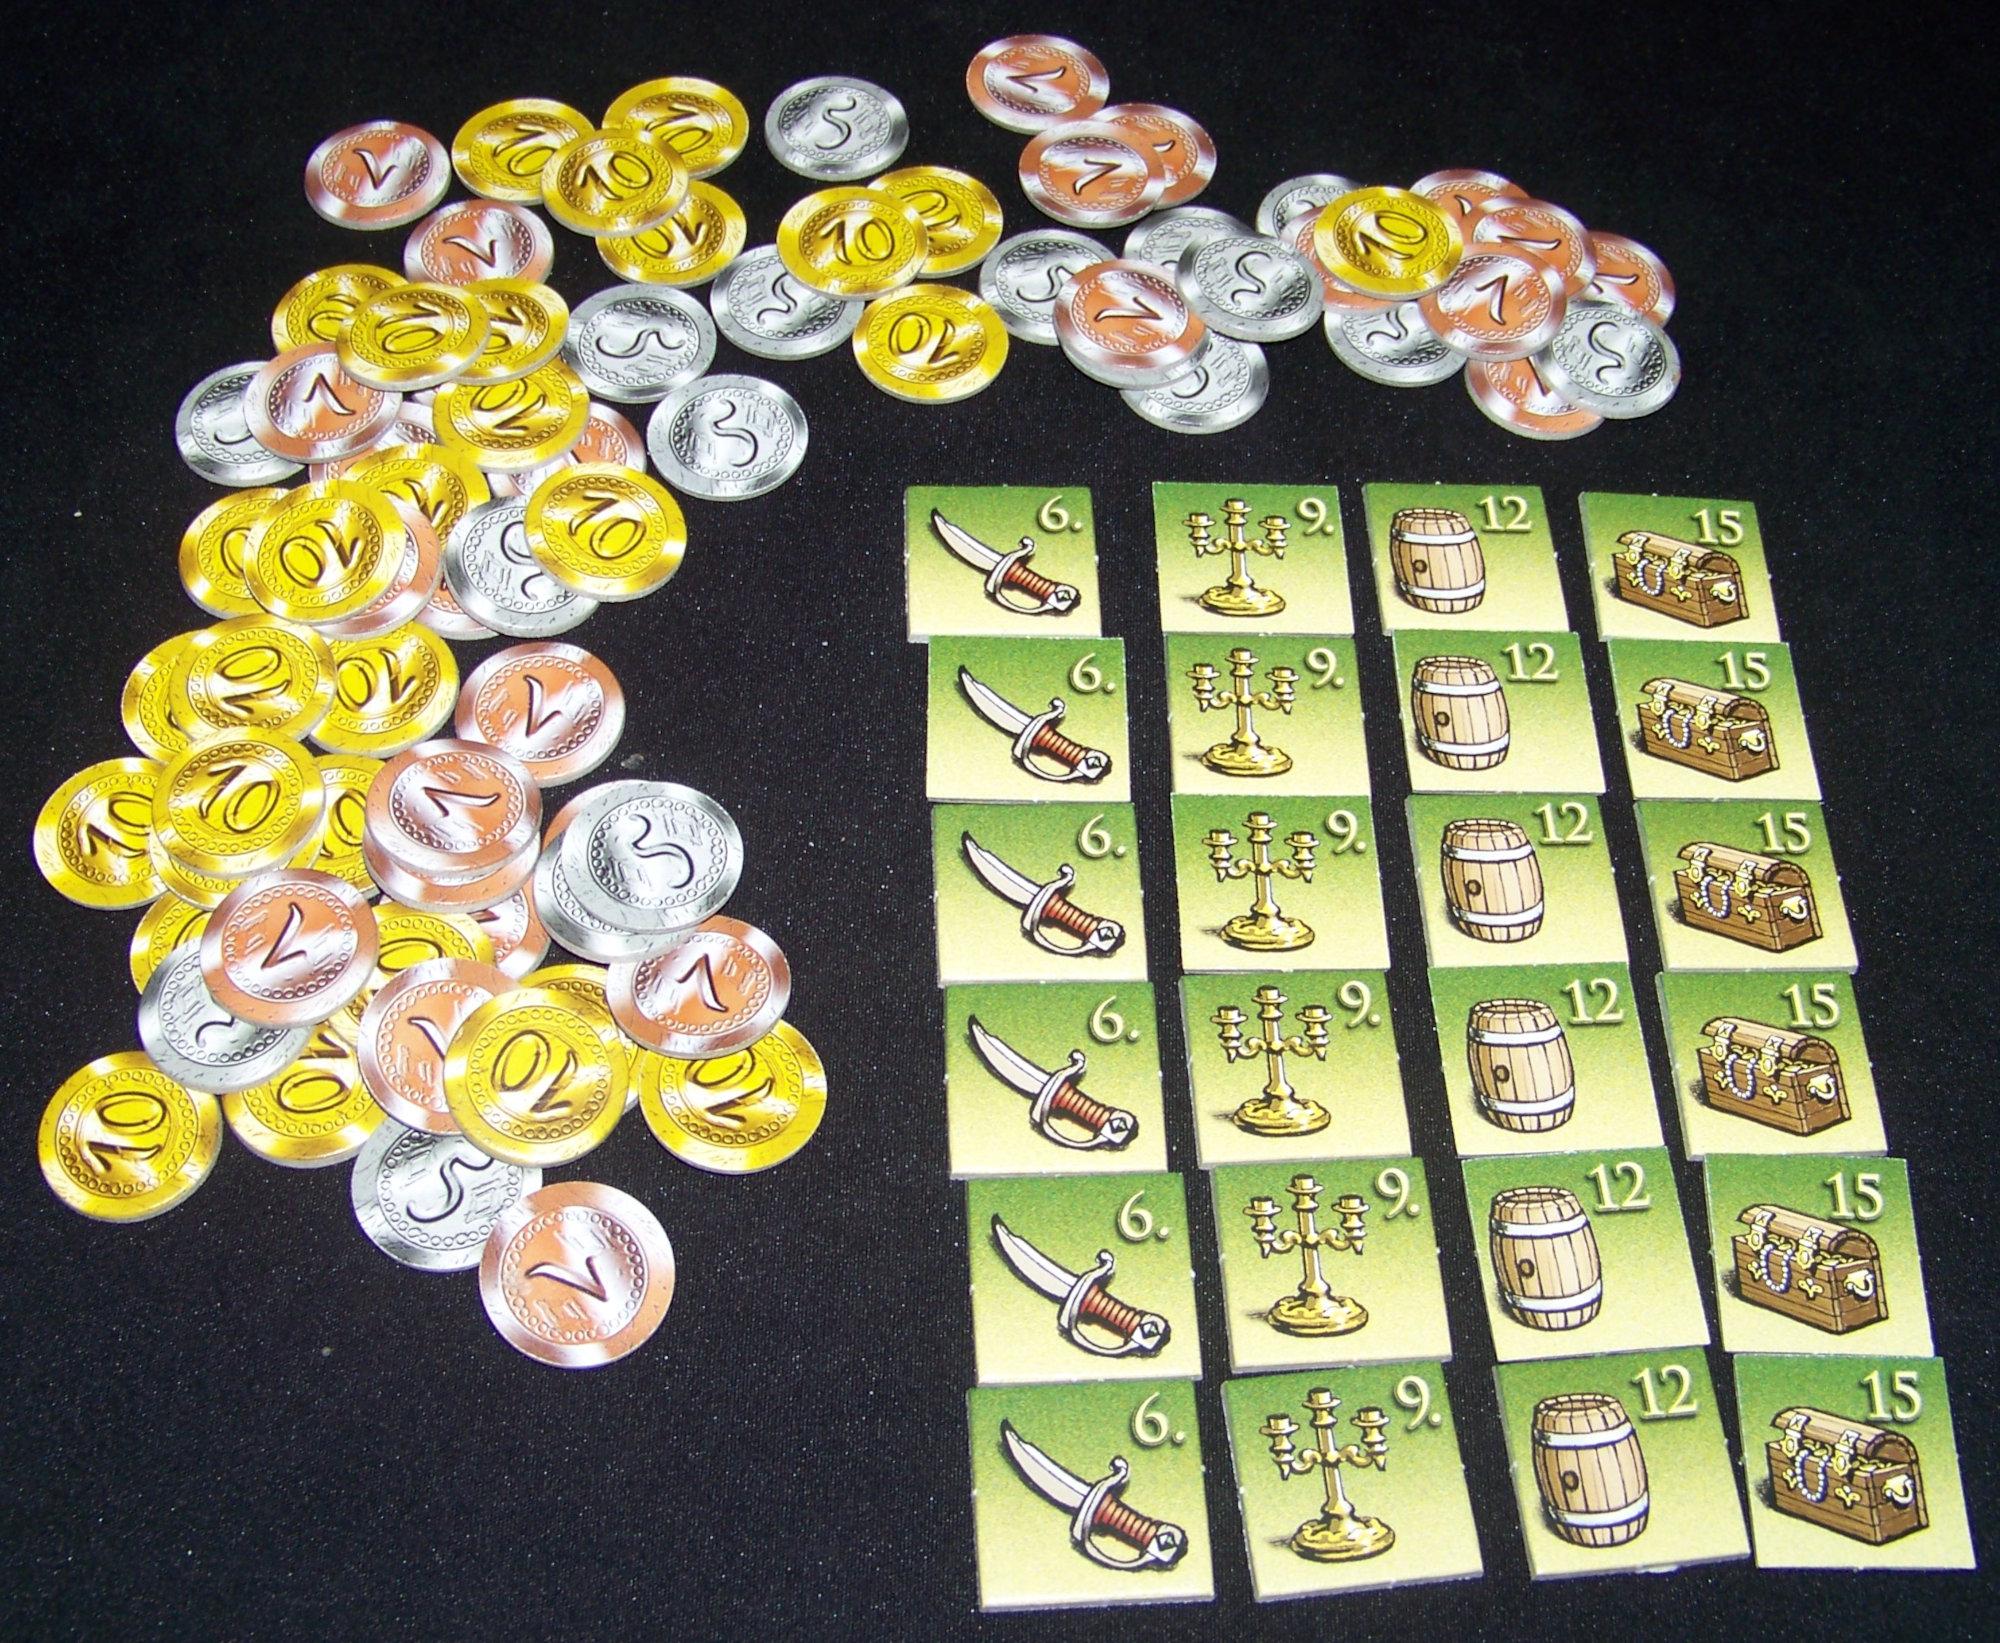 Juego de mesa Seeräuber (Buccaneer) - detalle fichas de cartón